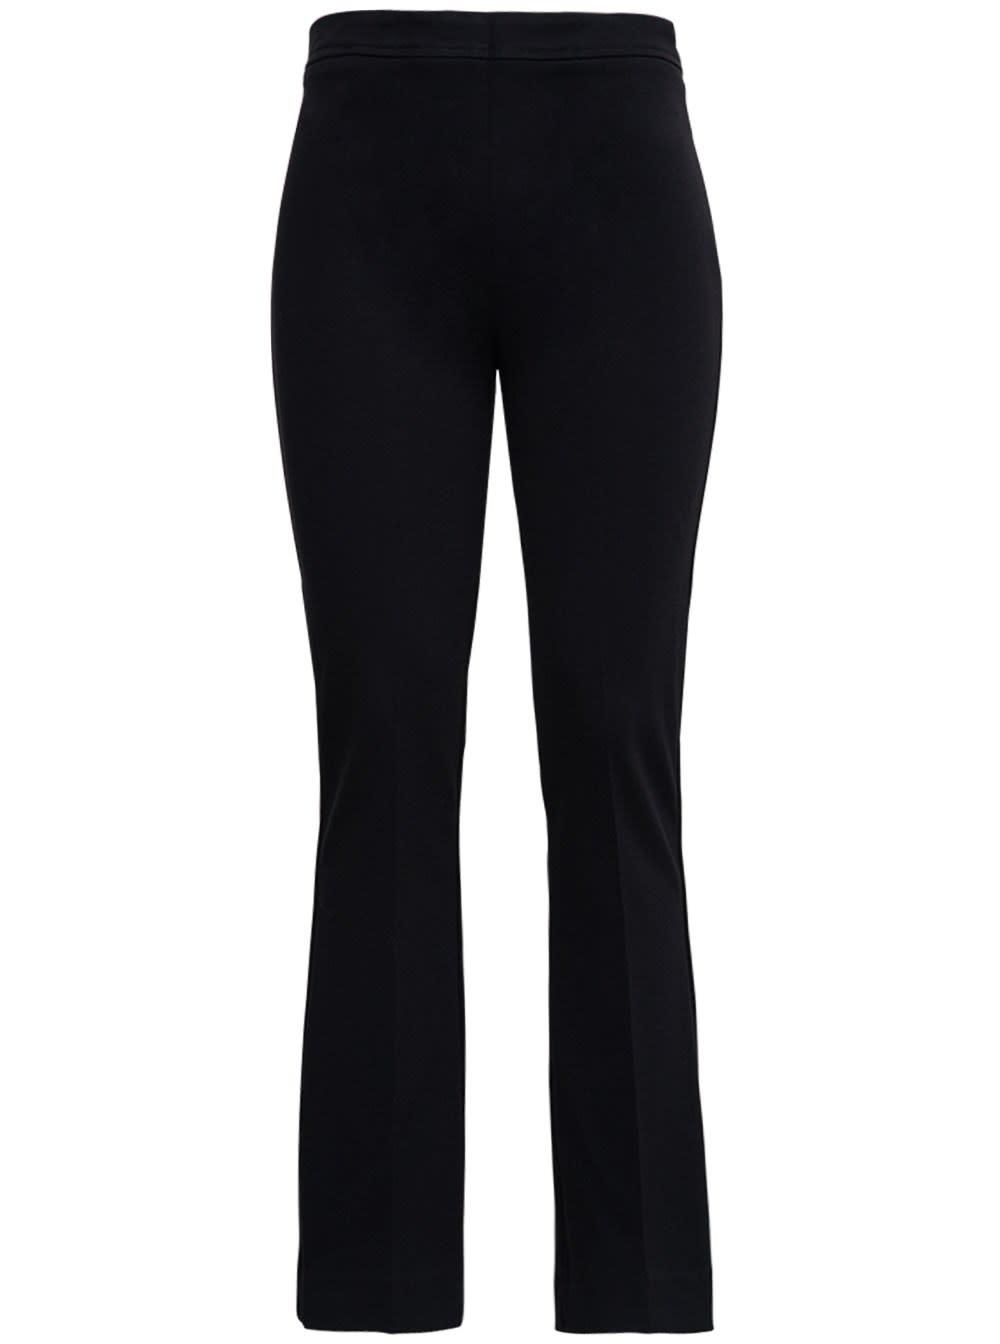 Black Flared Pants In Viscose Blend